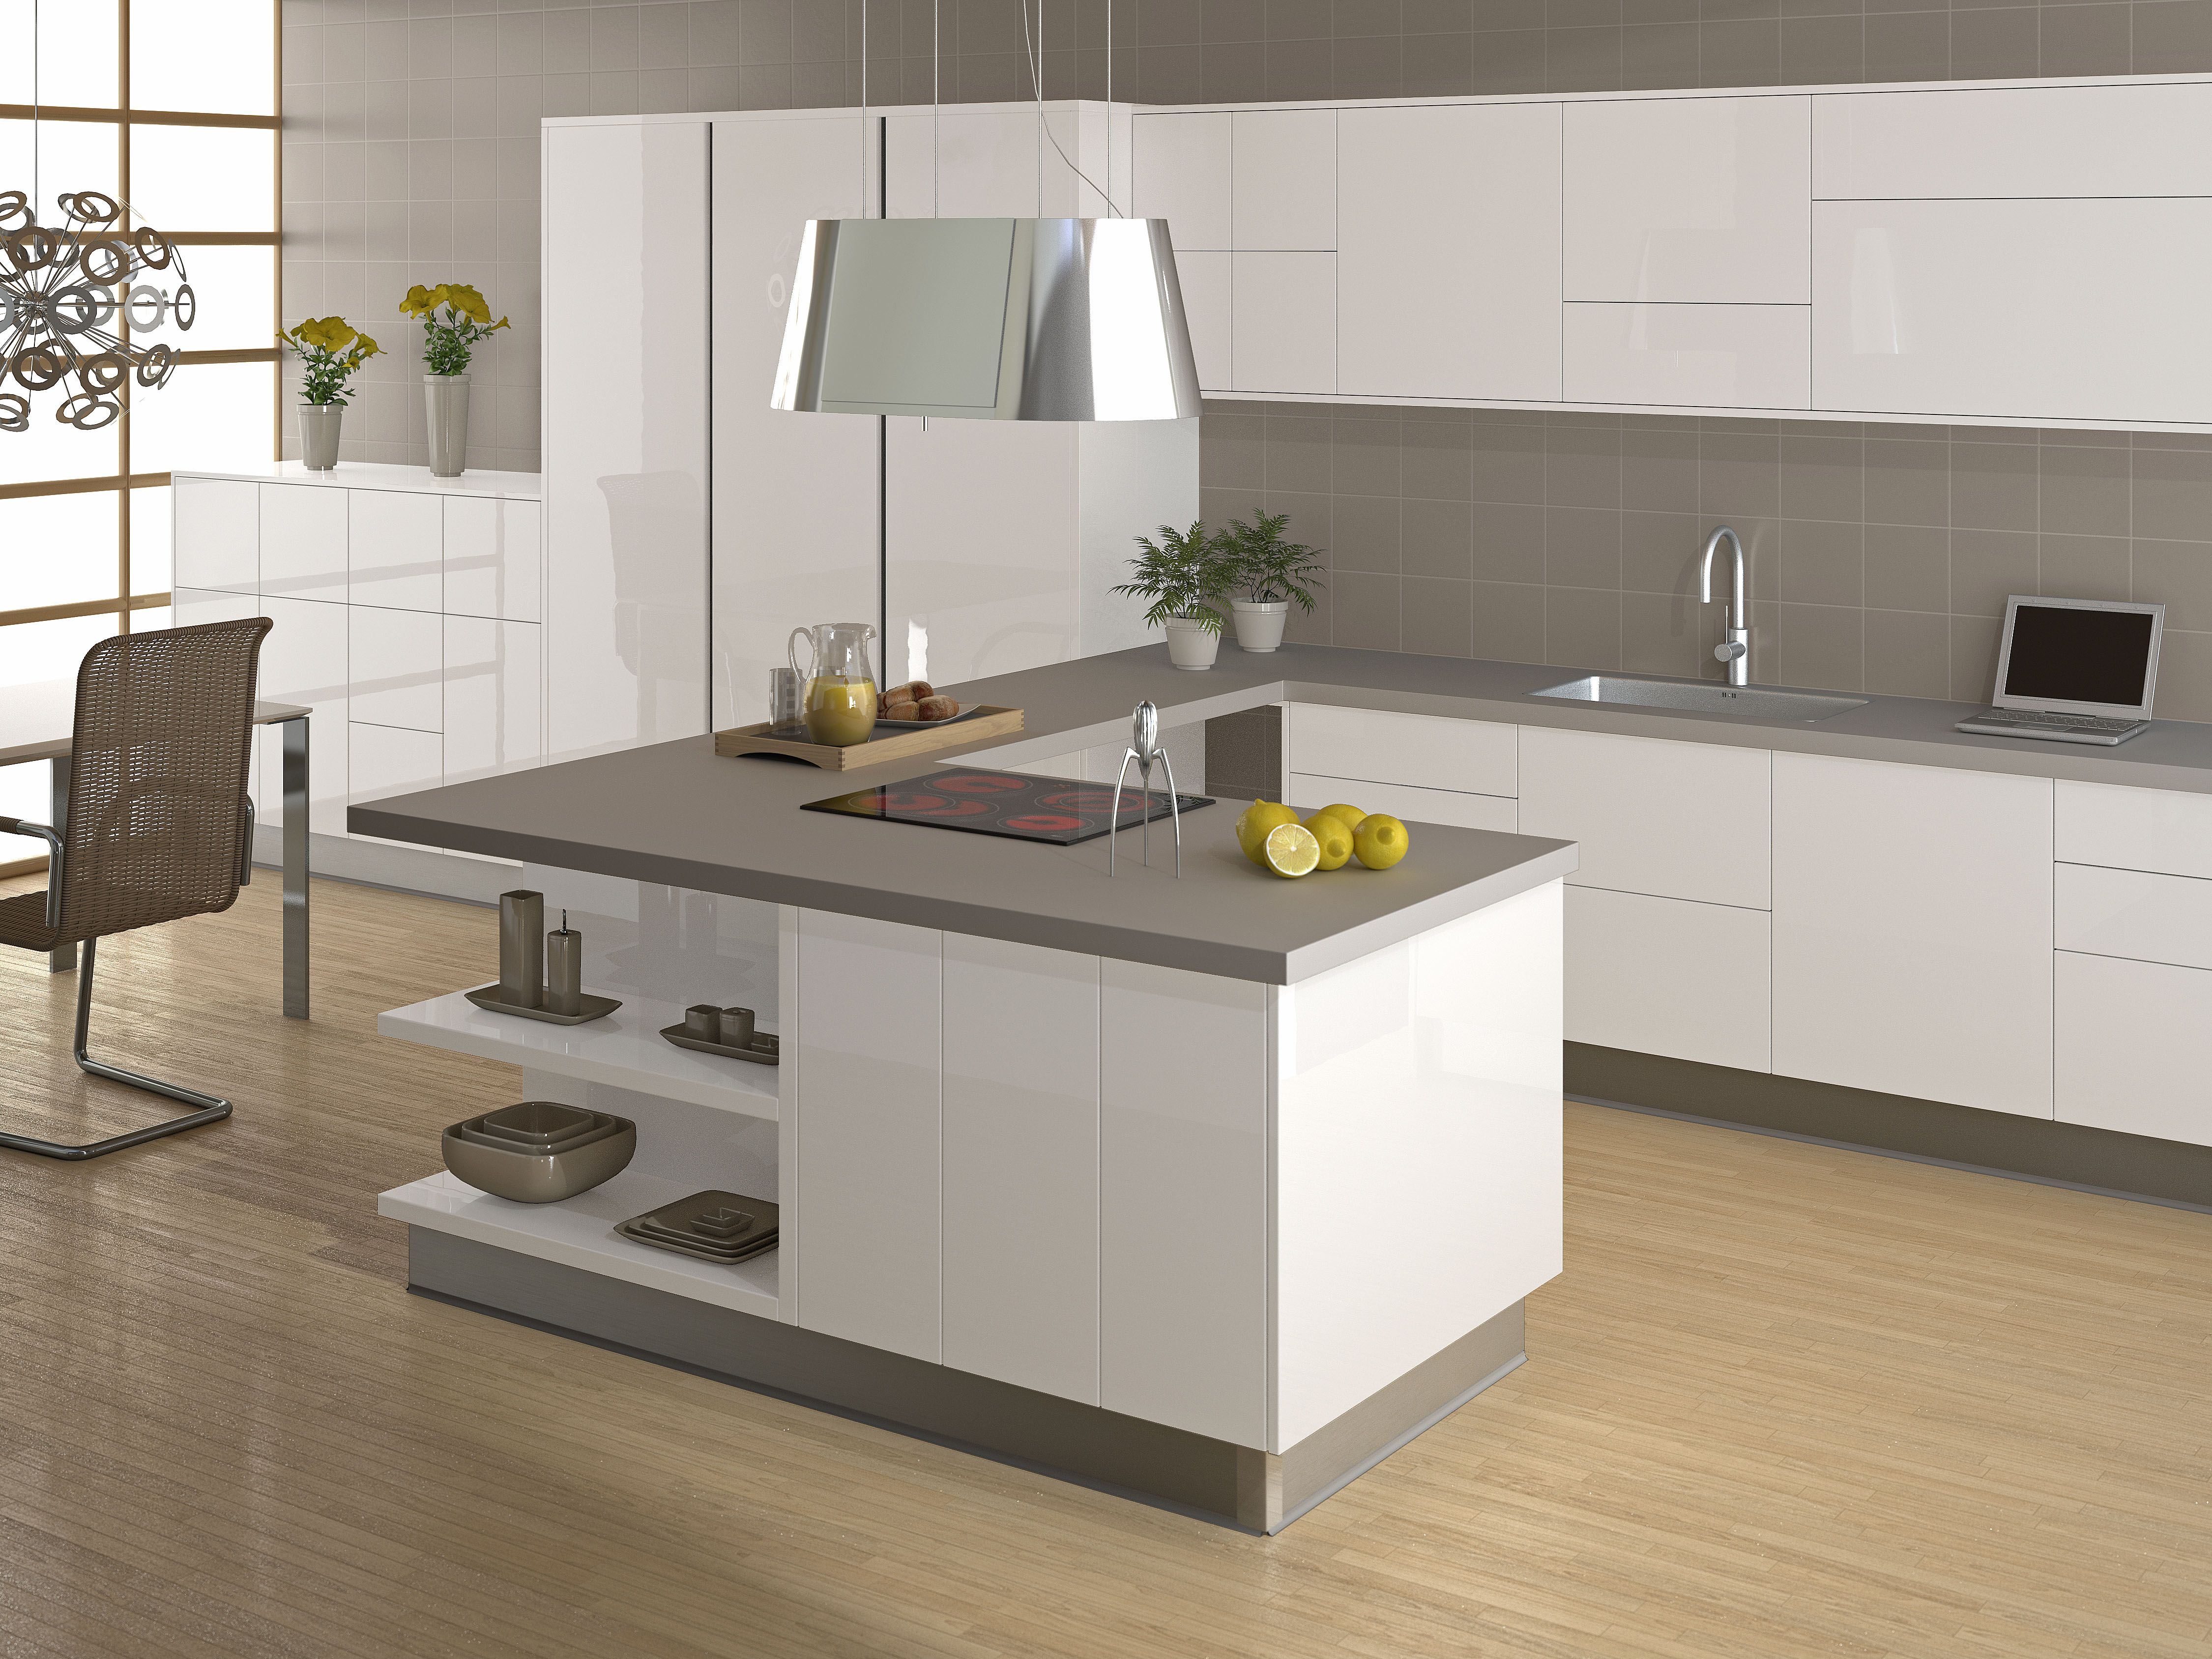 cocinas modernas buscar con google cocinas pinterest